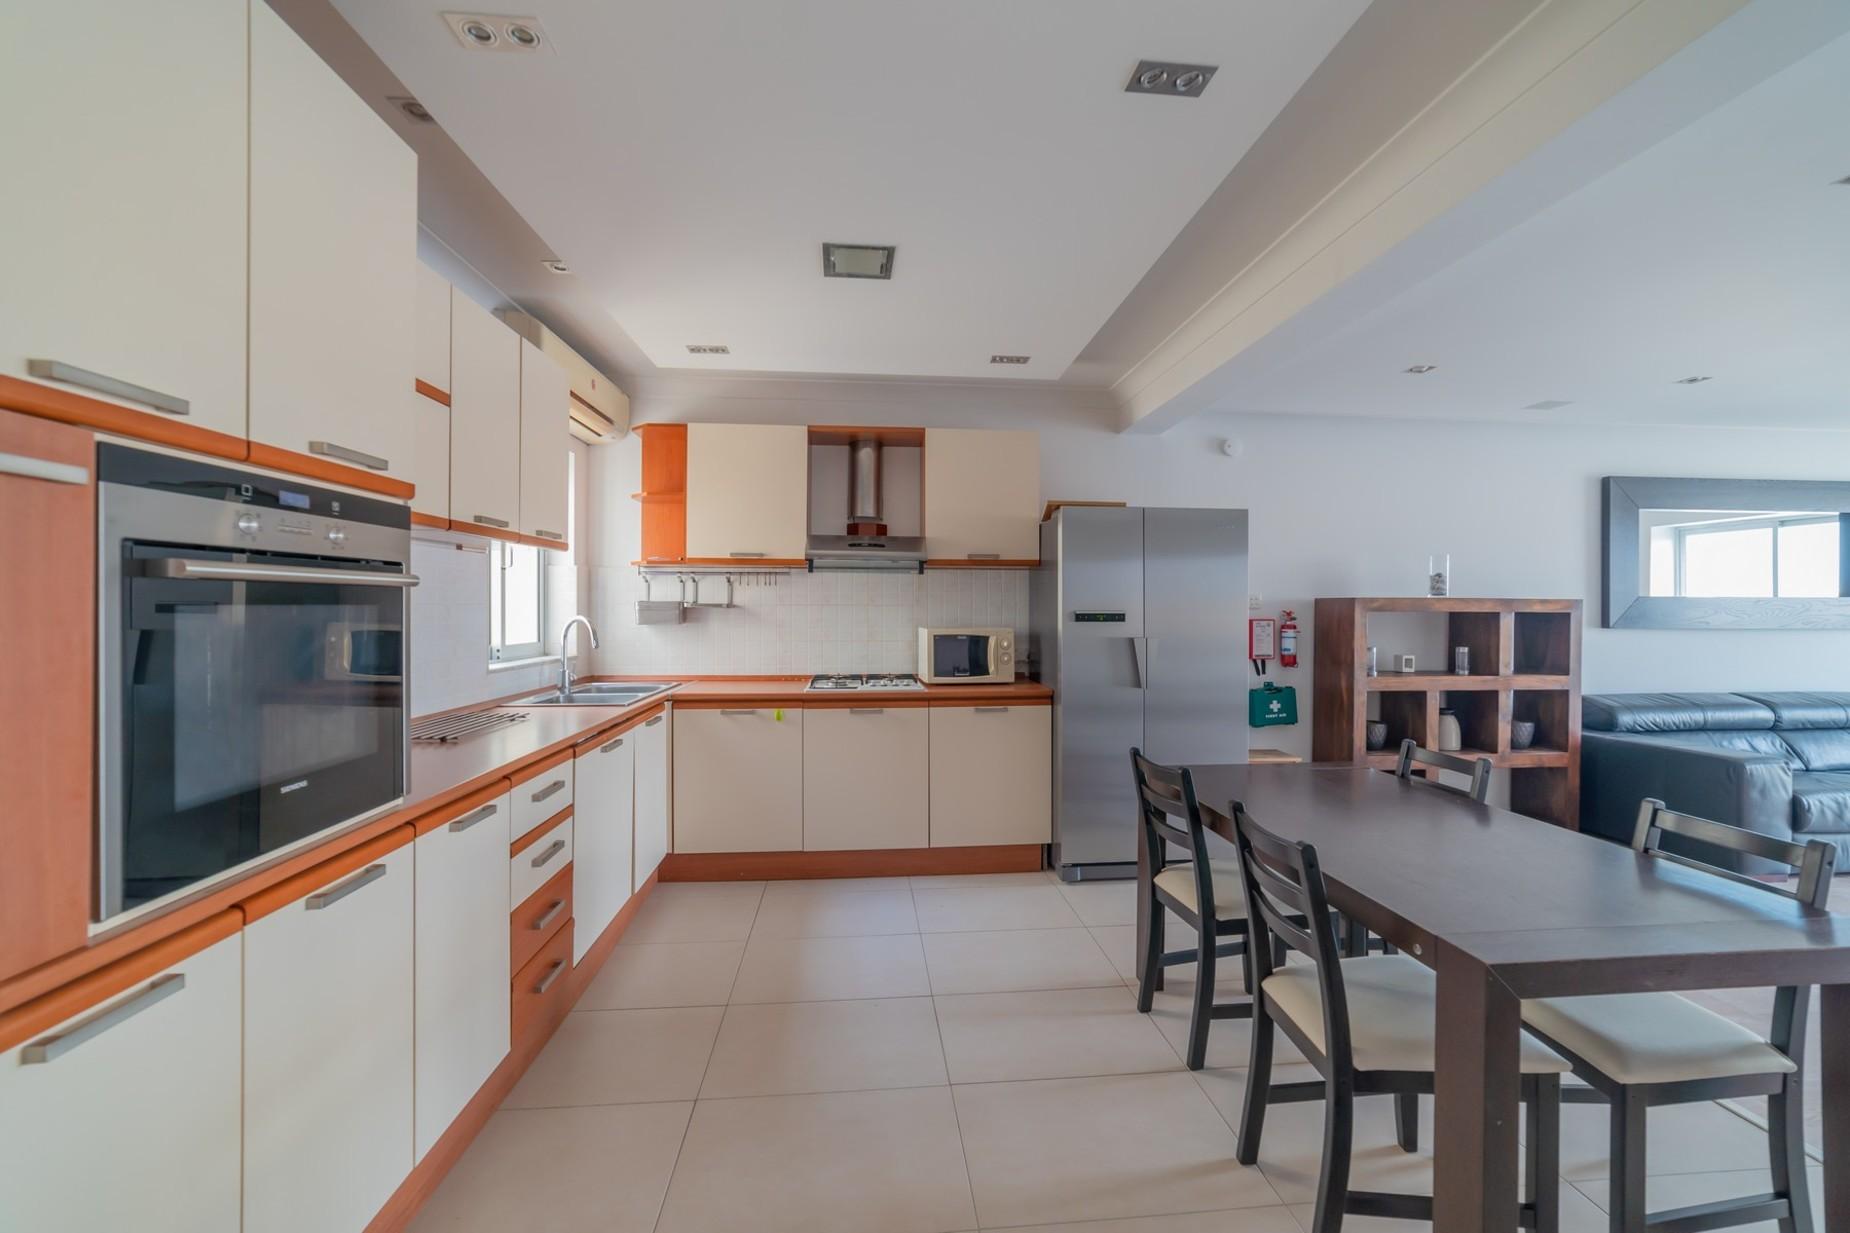 3 bed Apartment For Rent in Pieta, Pieta - thumb 8